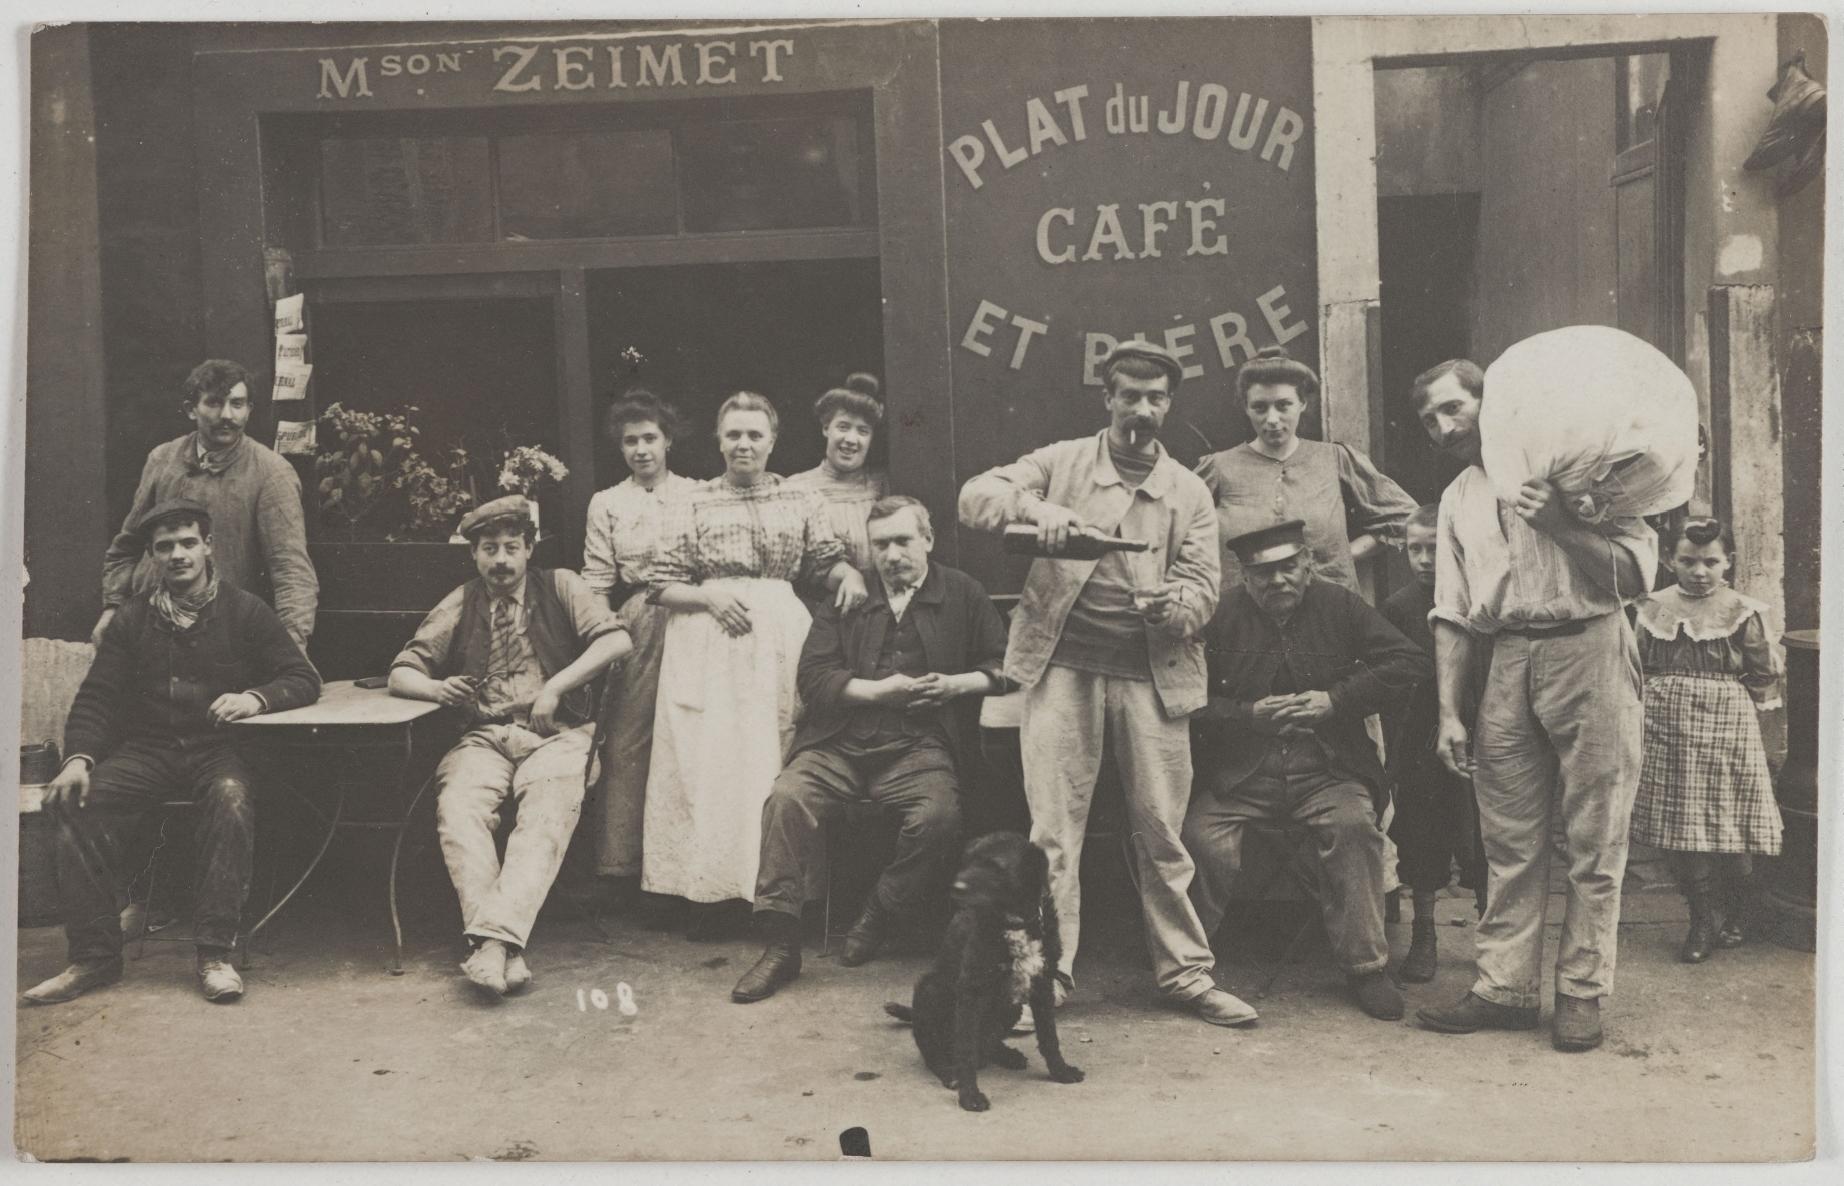 1910-1912. Кафе. Дом Зейме, 23, rue Chaudron (10-й округ). Сейчас на этом месте ничего действующего нет